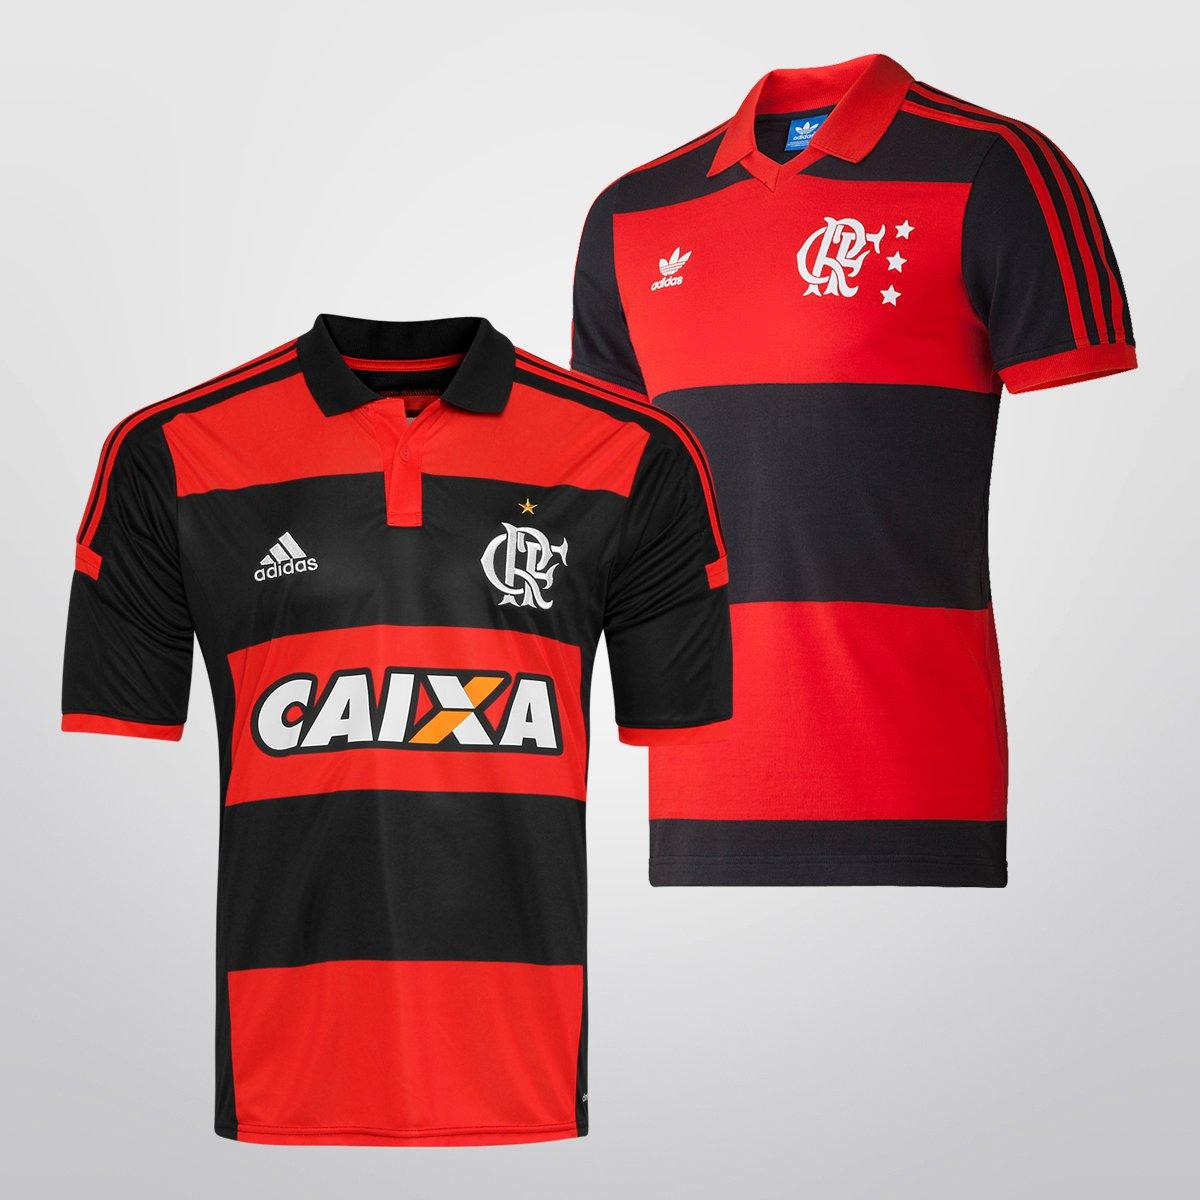 Camisa Adidas Flamengo I 14 15 + Camisa Retrô - Compre Agora  00bd35f54cc6e